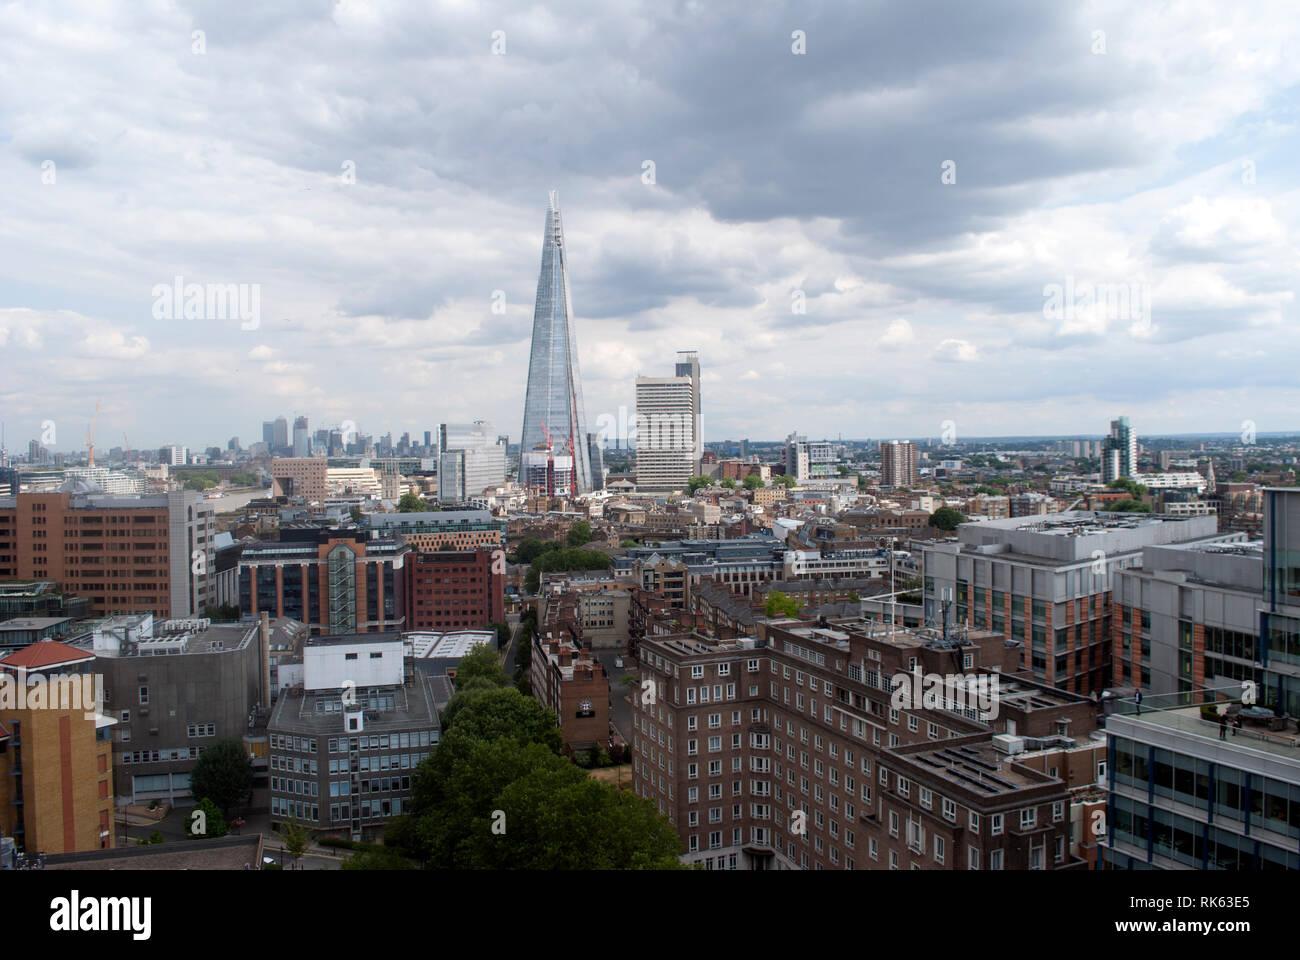 Vista de los edificios de Londres, incluyendo el fragmento de la parte superior del interruptor House en la galería de arte Tate Modern en Londres Imagen De Stock